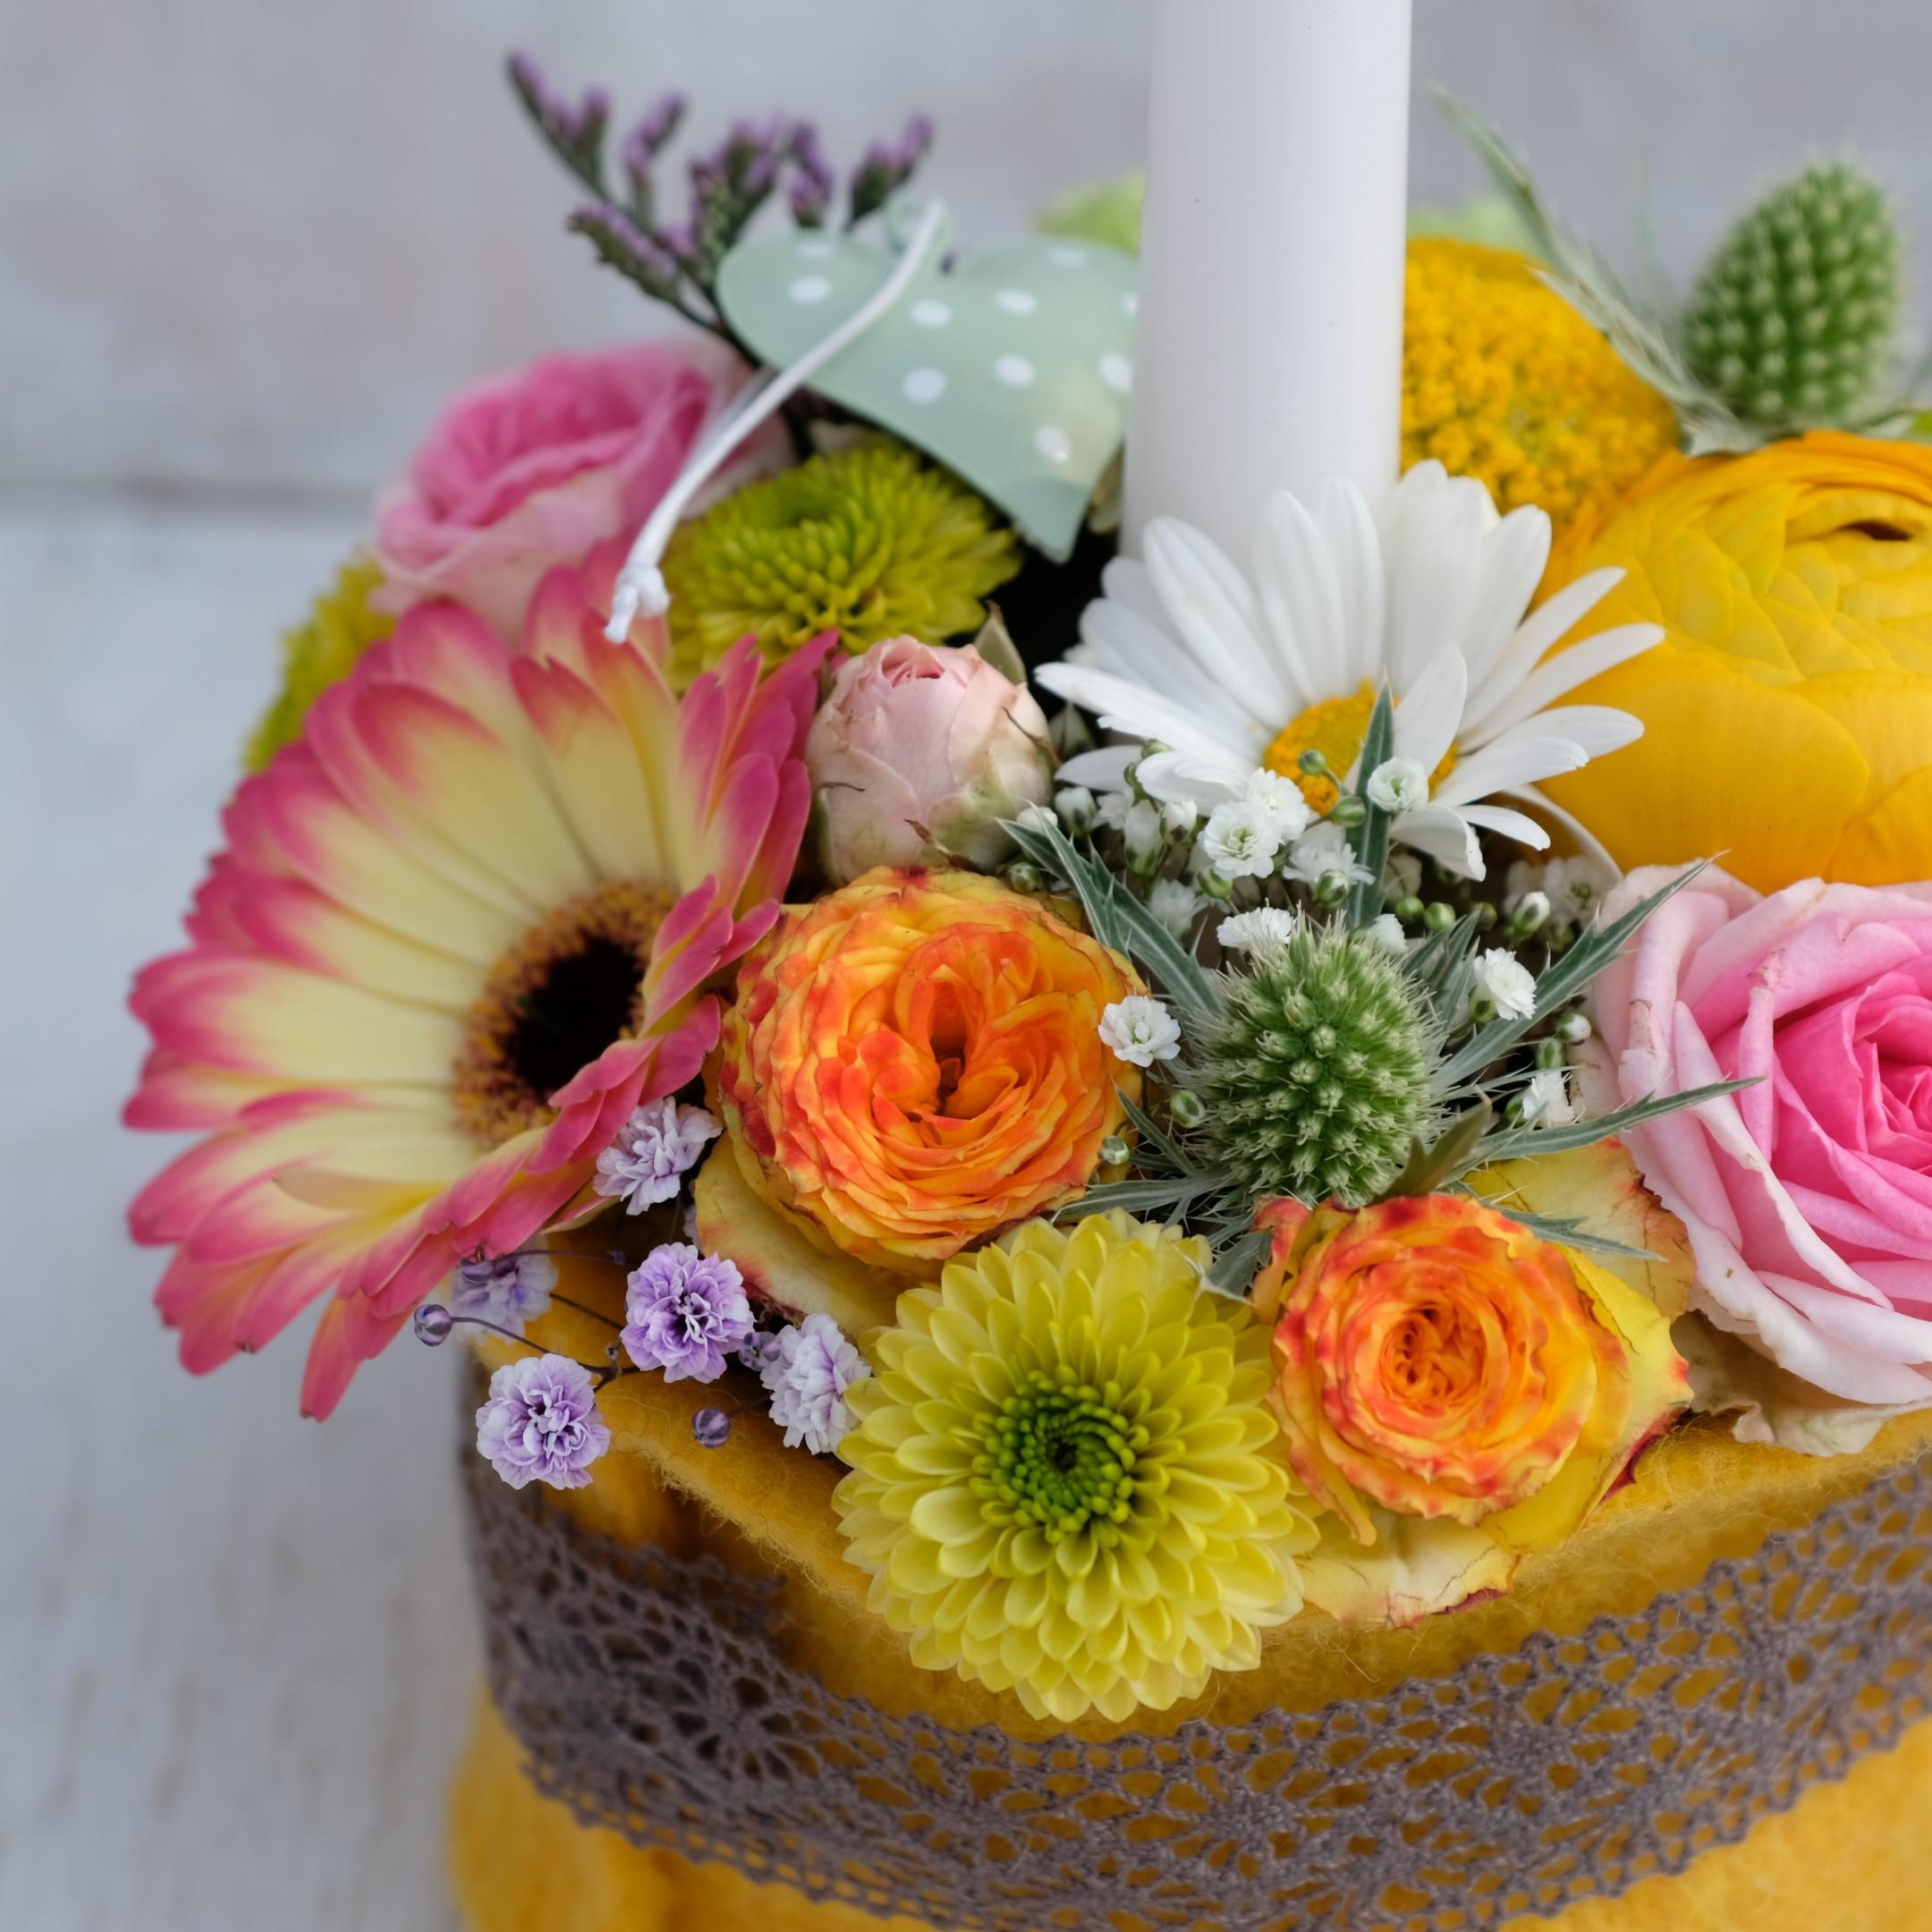 Mamas Blumentorte Bild 5